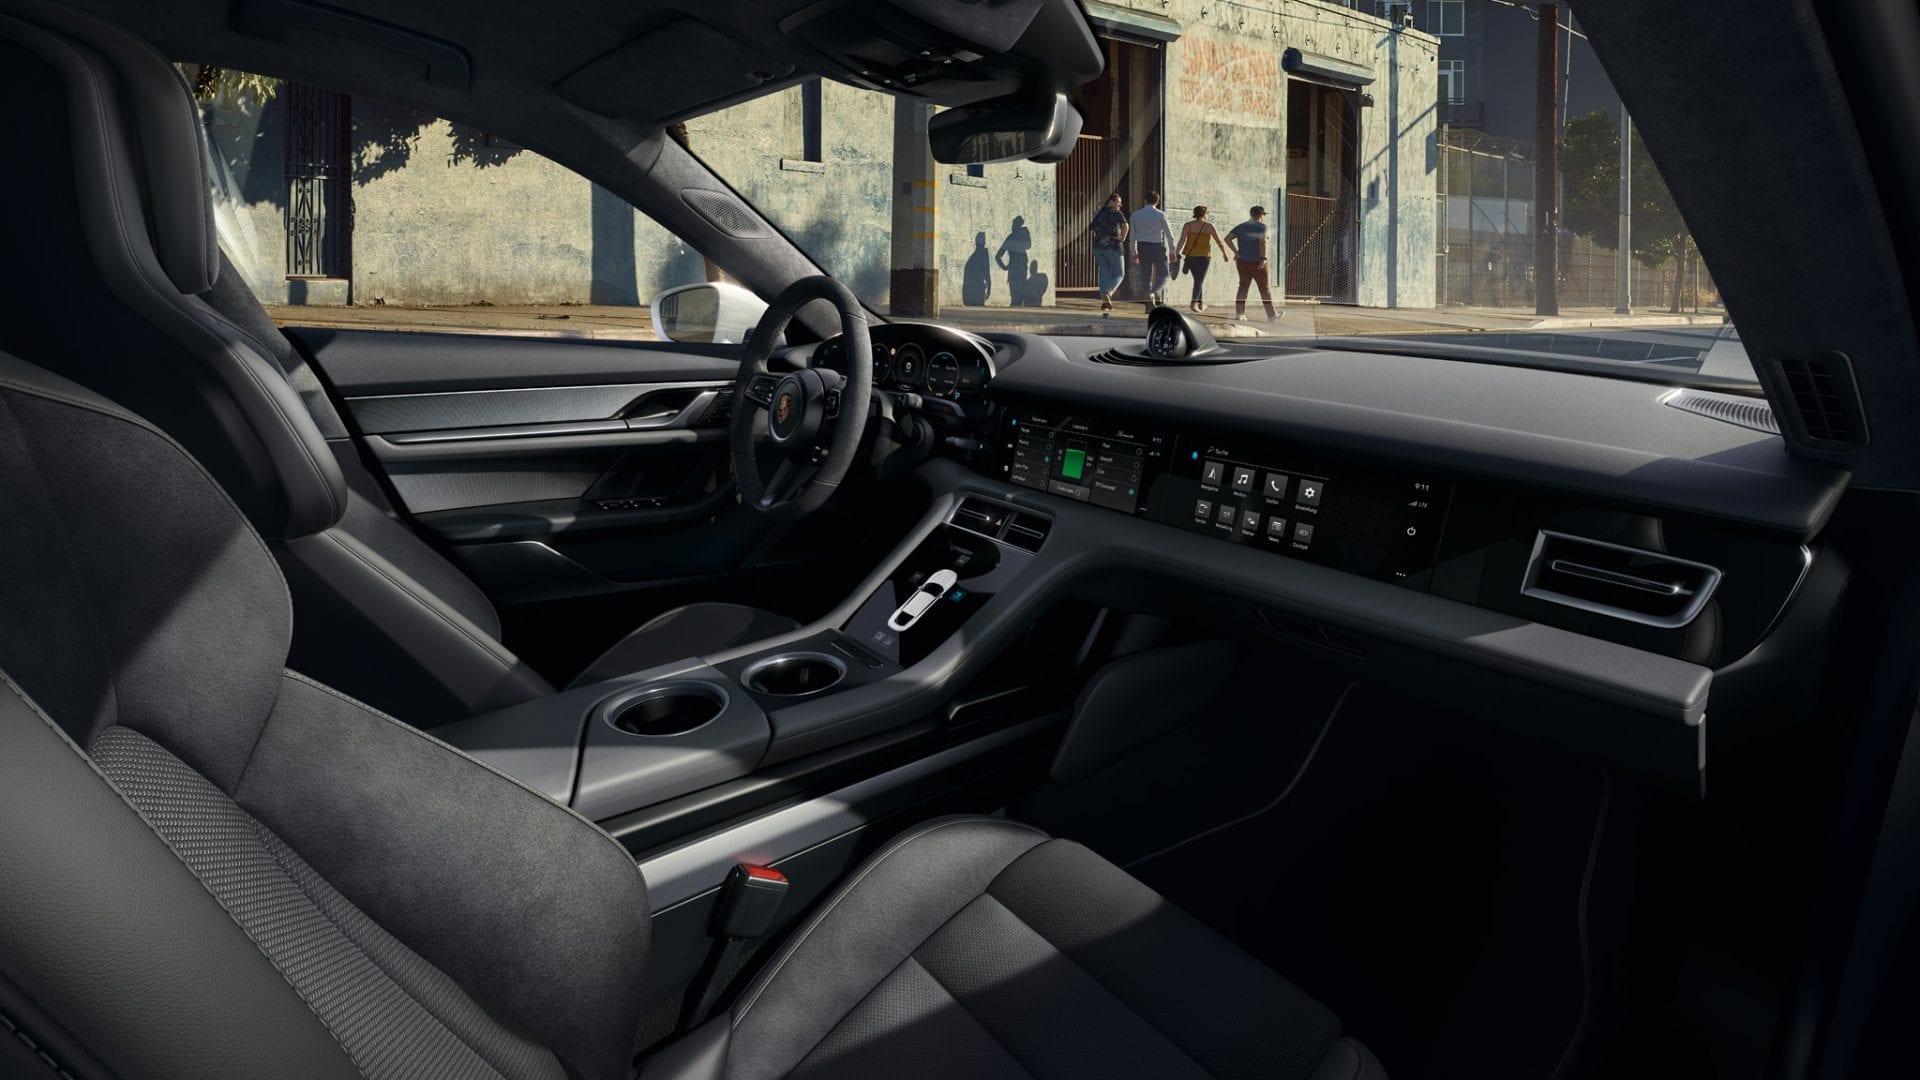 Porsche Taycanin ohjaamo